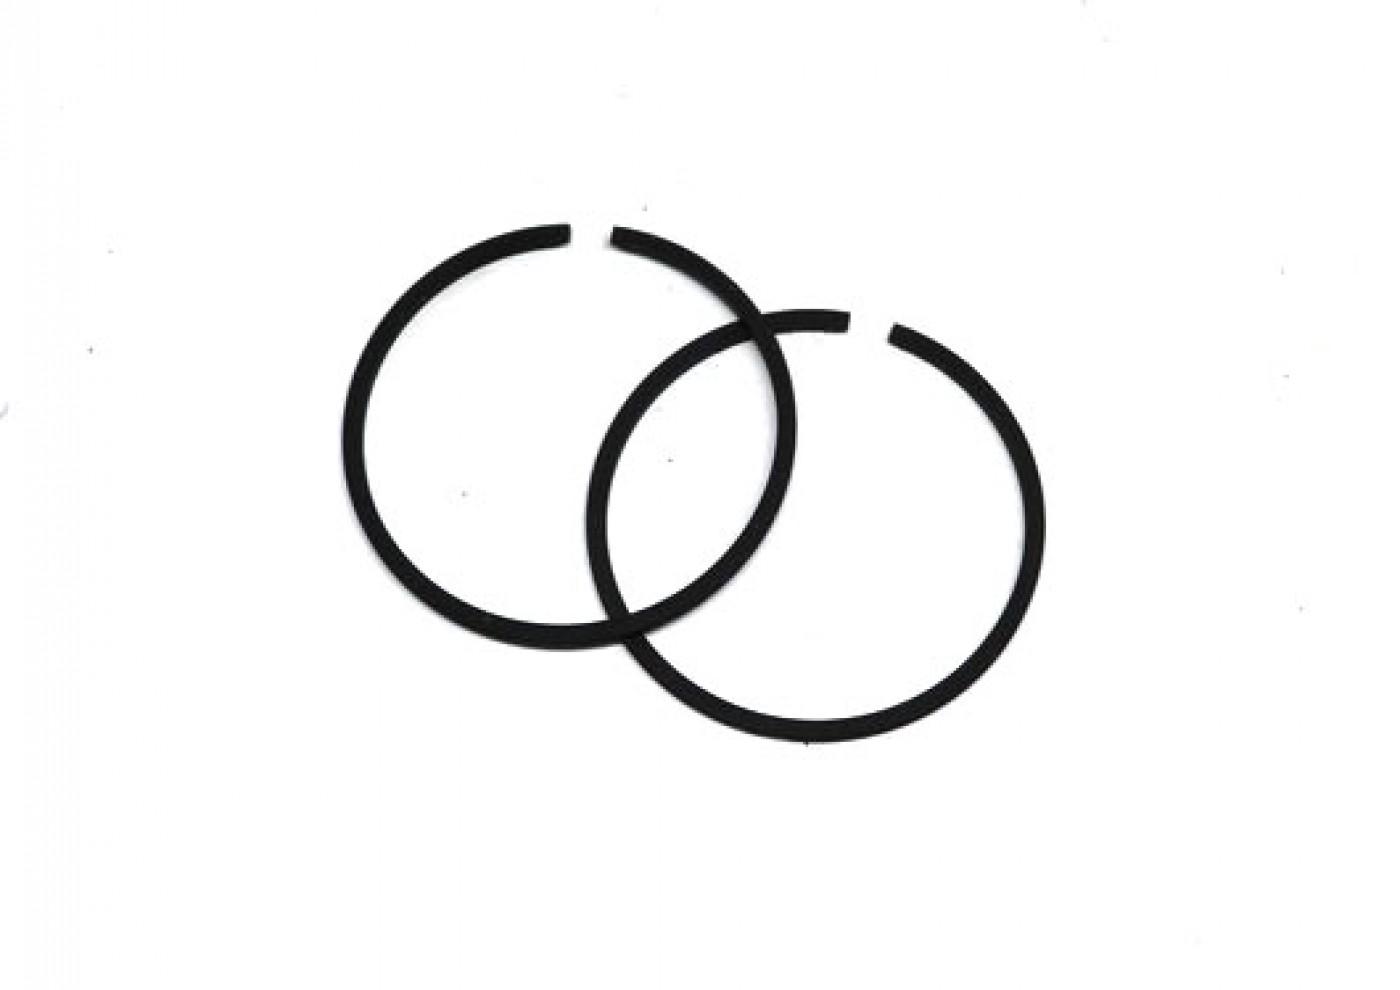 Sada pístních kroužků - 34 mm